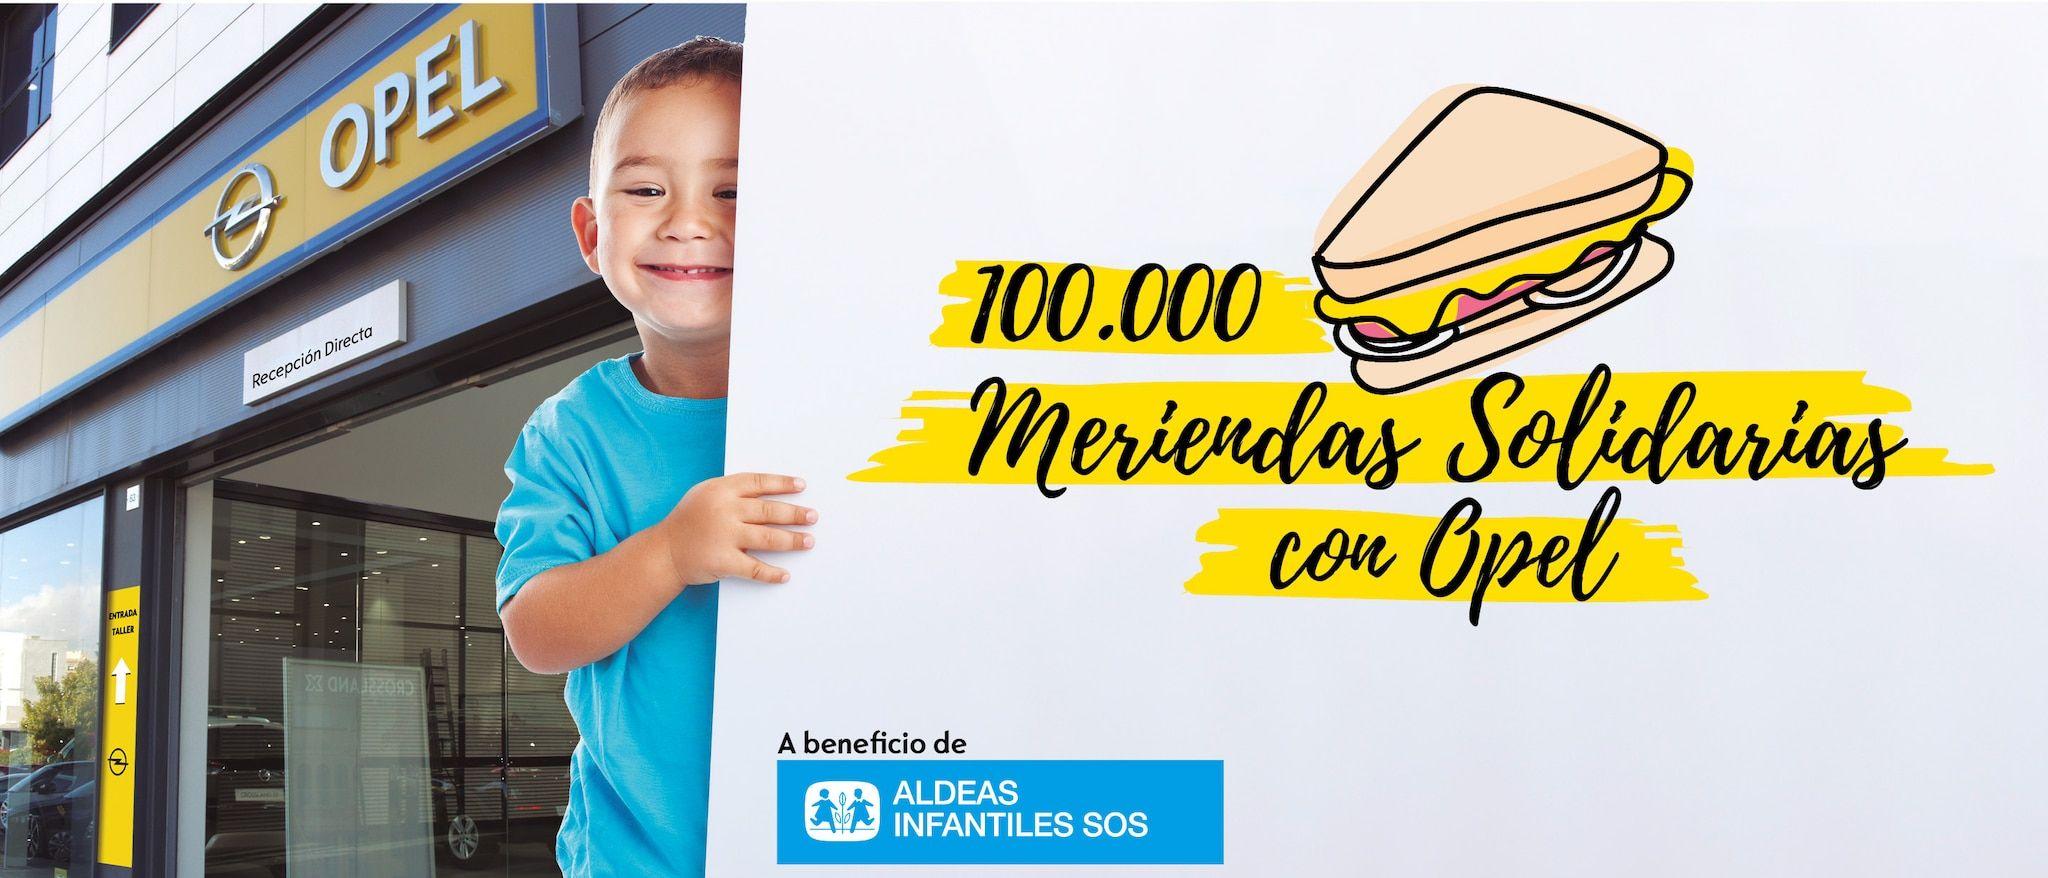 Suma't al repte 100.000 berenars solidaris amb Opel